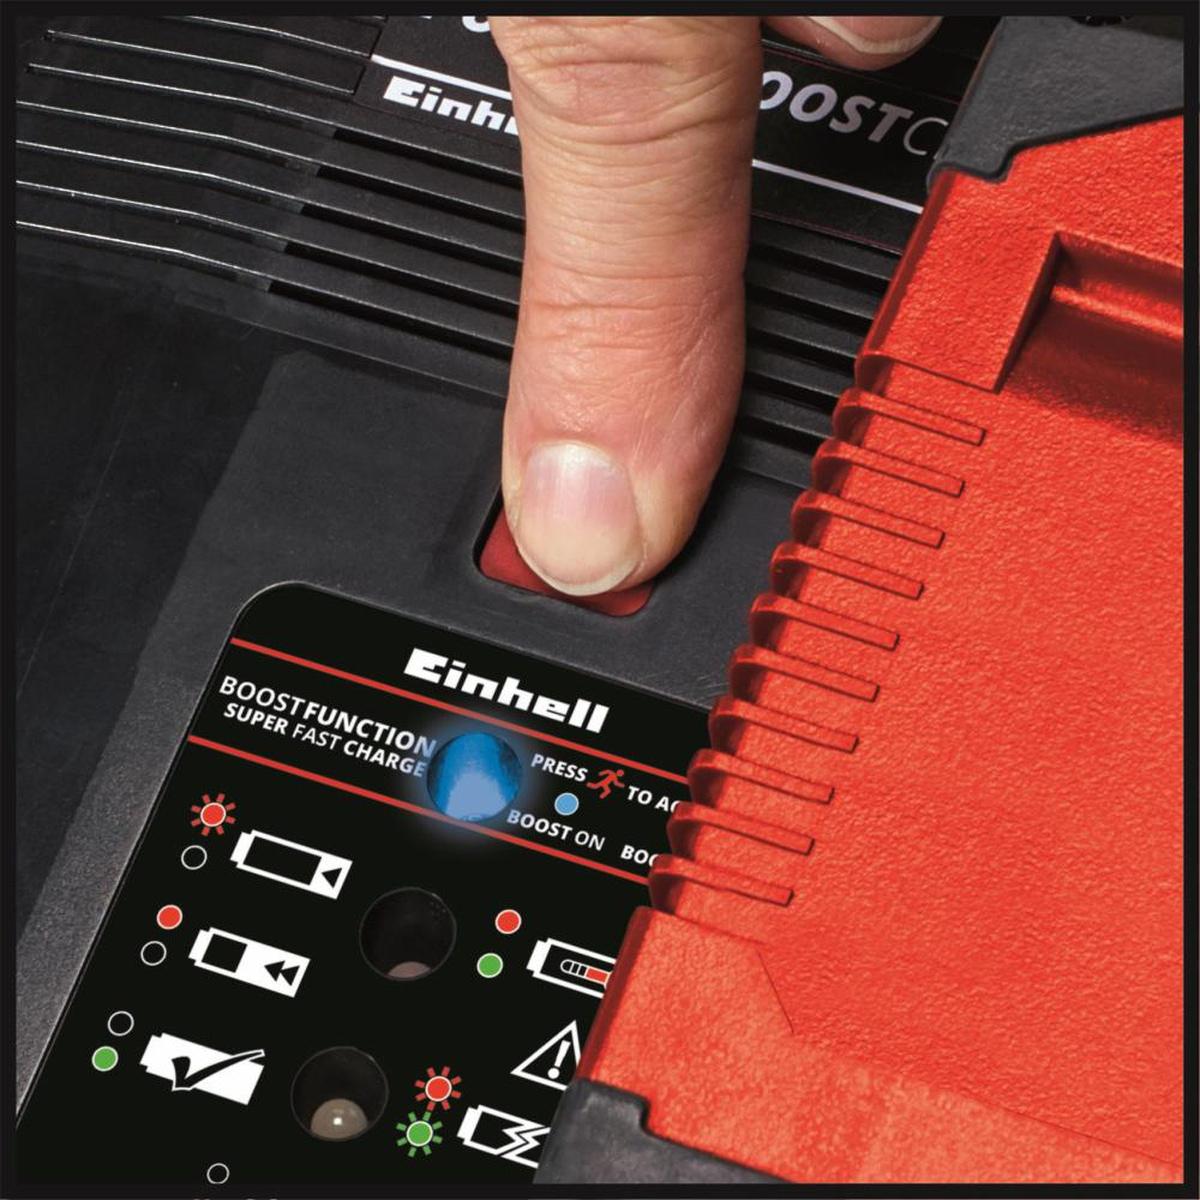 EinhellPower-X-Boost 6 A, Lader 4512064